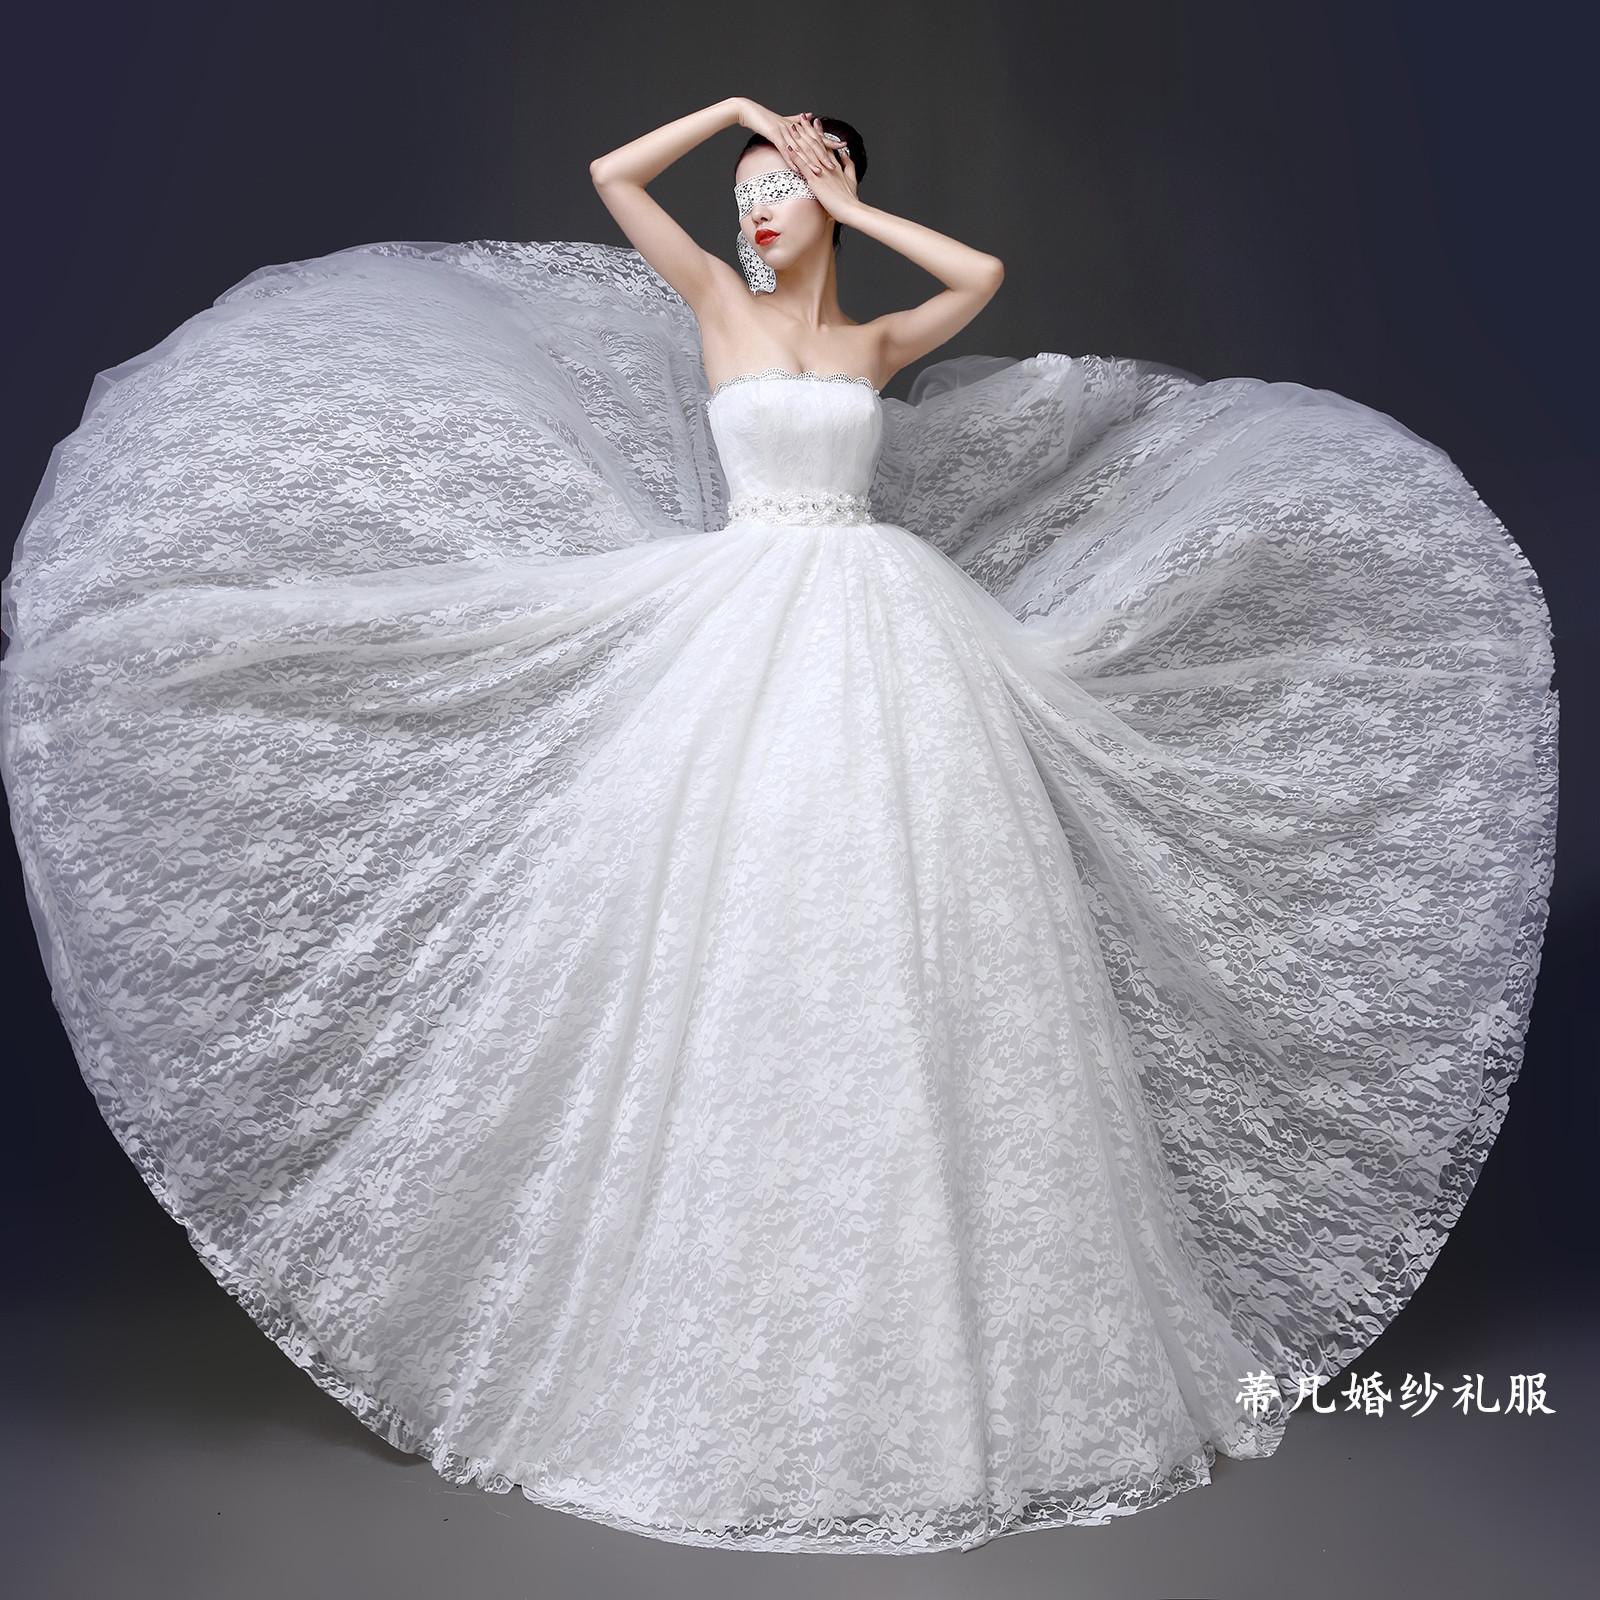 婚纱礼服2014新款冬季韩版时尚新娘婚纱抹胸型齐地修身显瘦 蕾丝